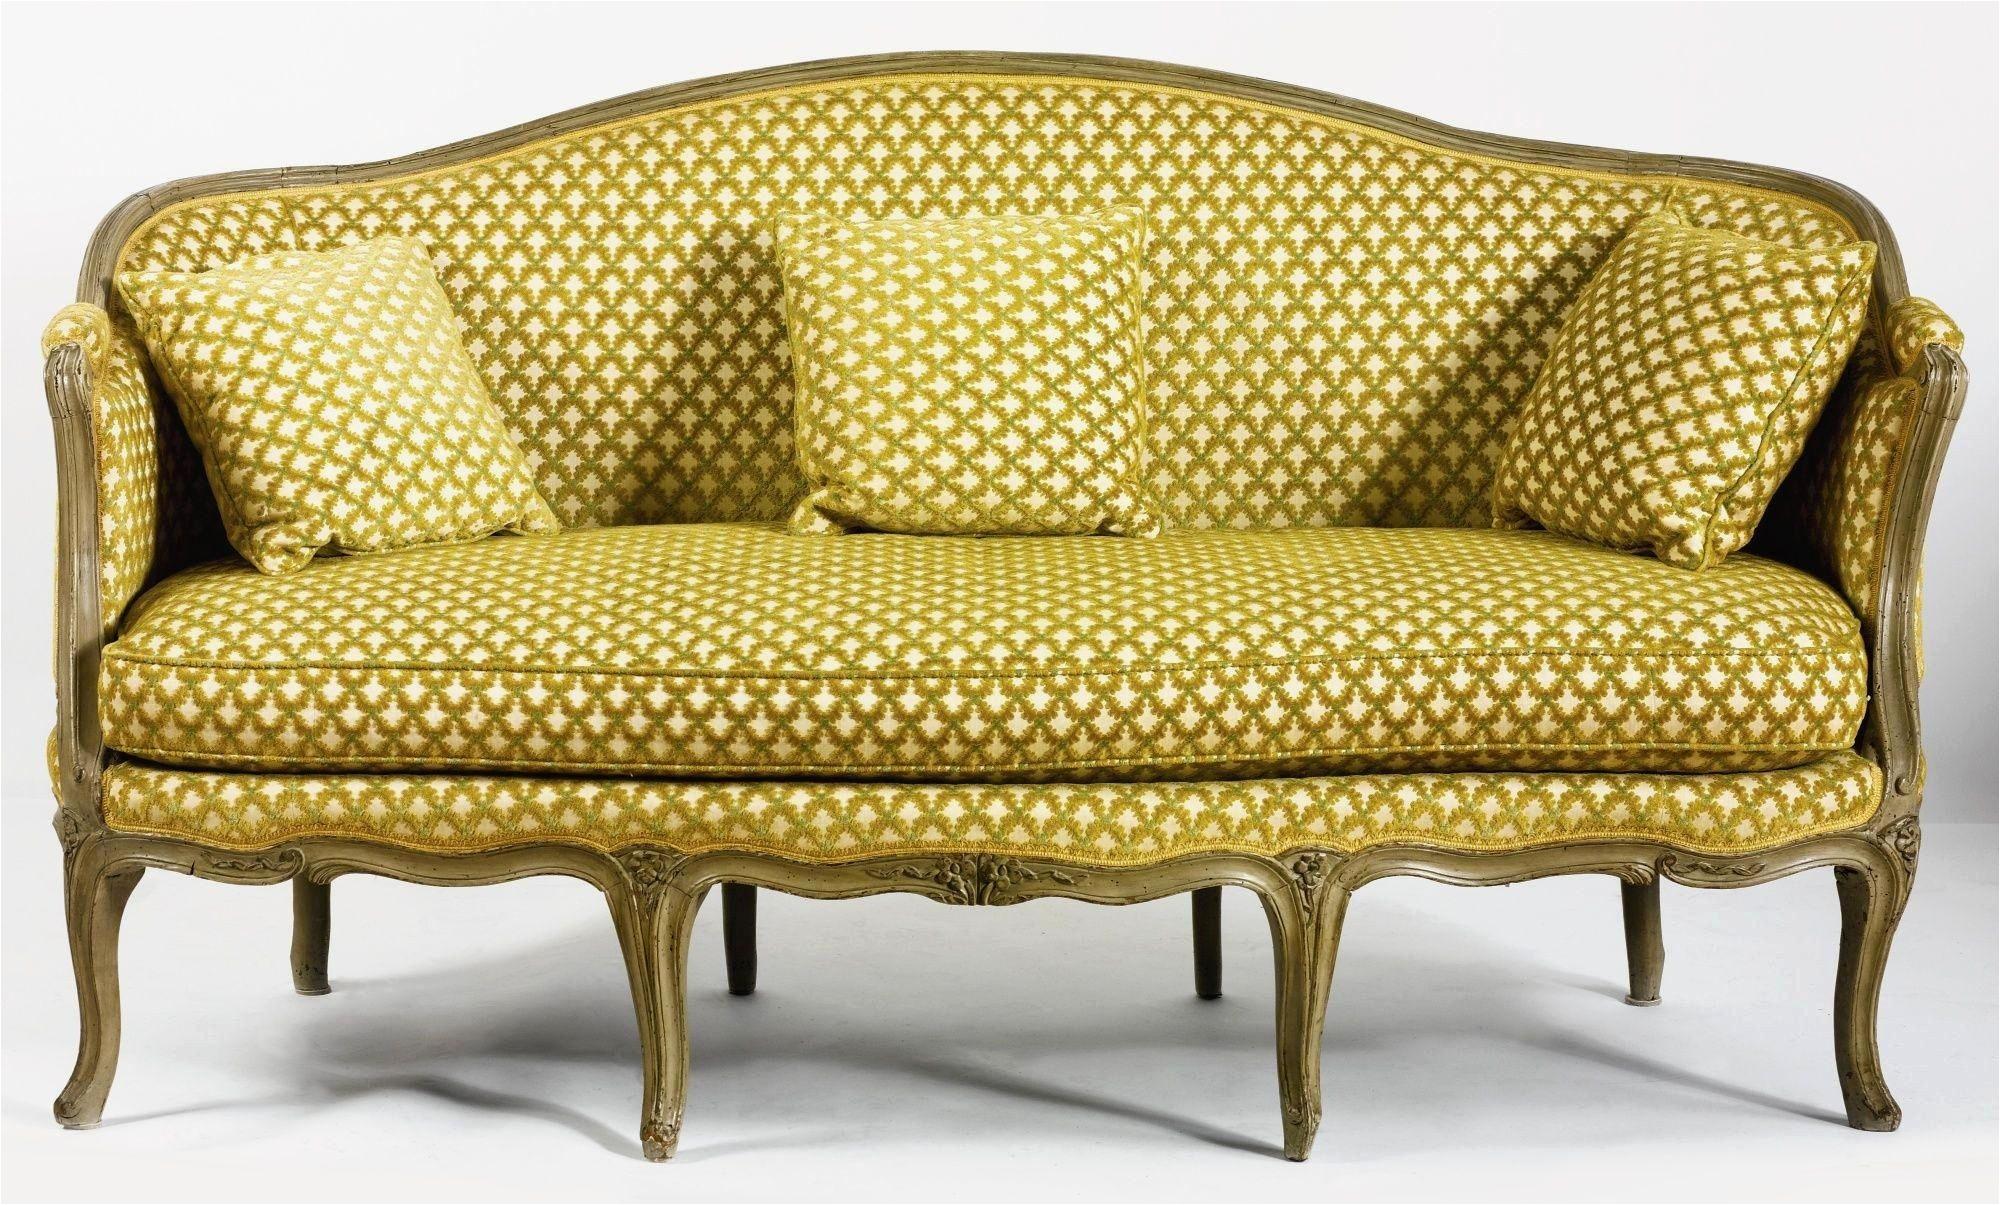 Savon Furniture